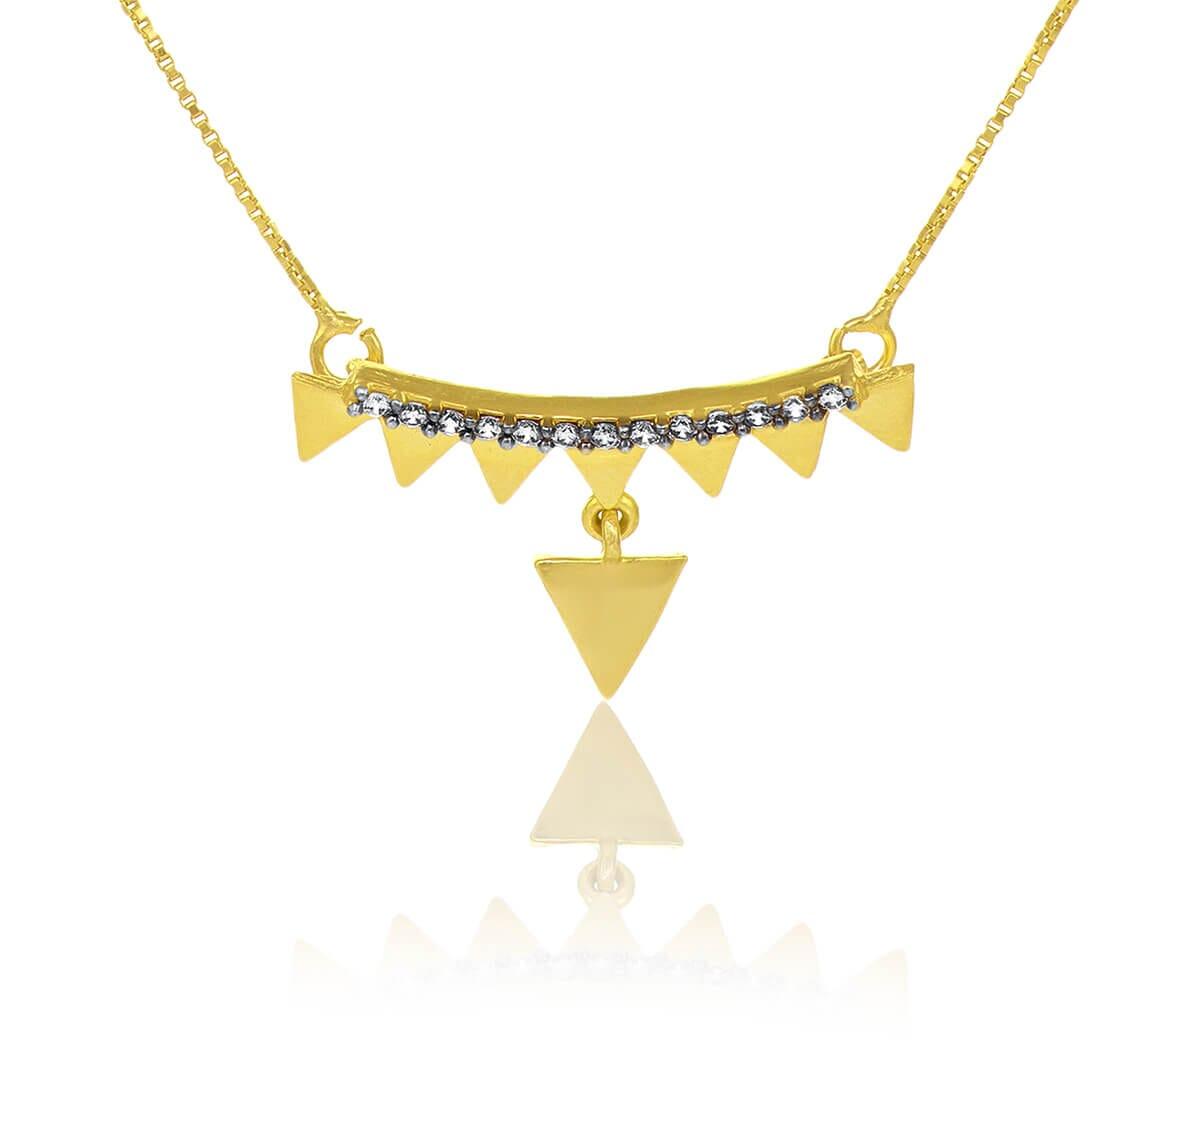 Gargantilha folheada a Ouro com pingente triângulo e zircônias brancas